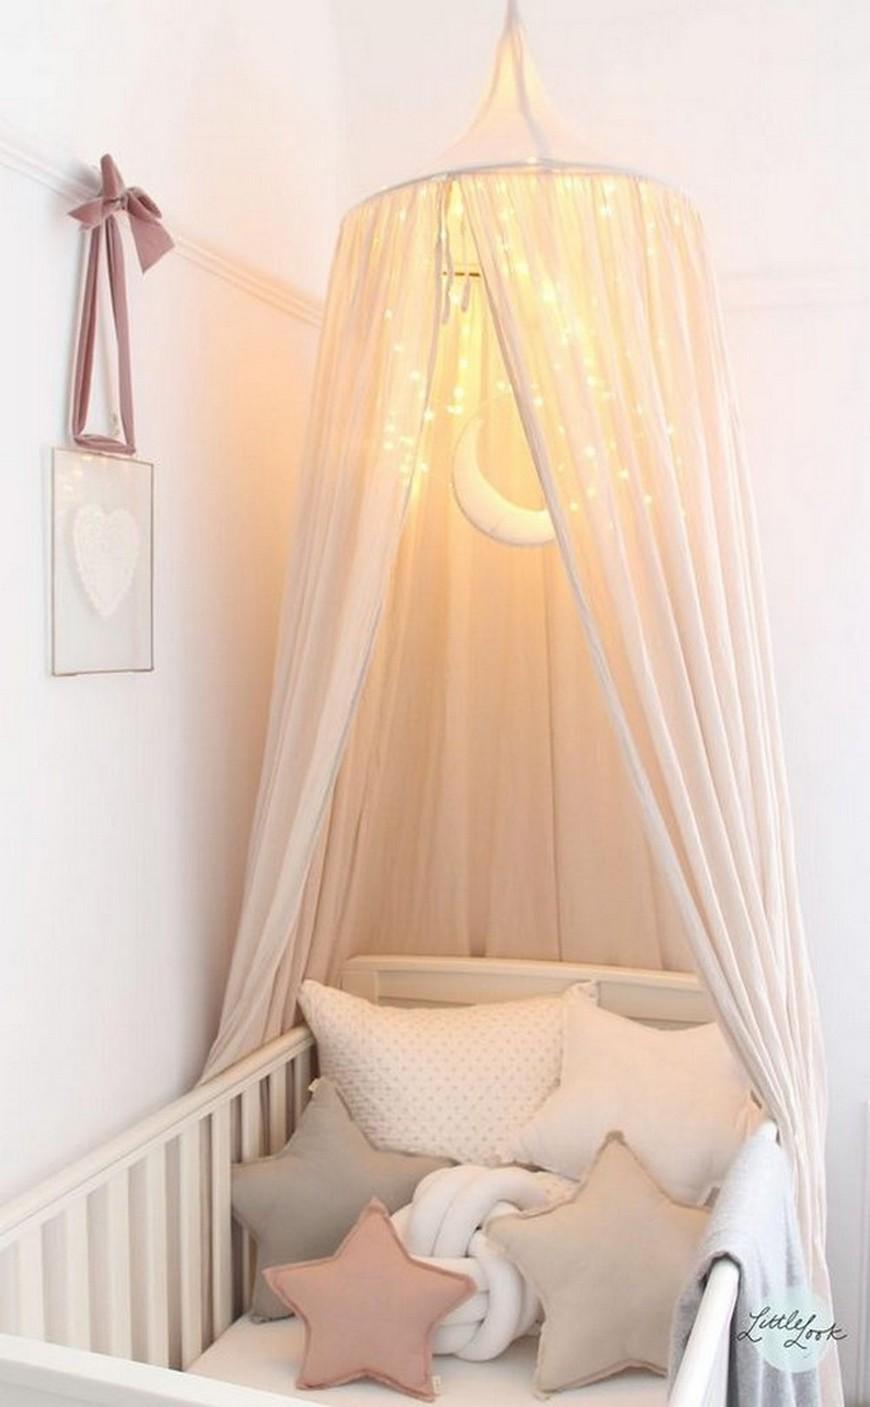 Kids Bedroom – 7 Incredible Nursery Ideas to Steal ASAP Kids Bedroom 7 Incredible Nursery Ideas to Steal ASAP 7